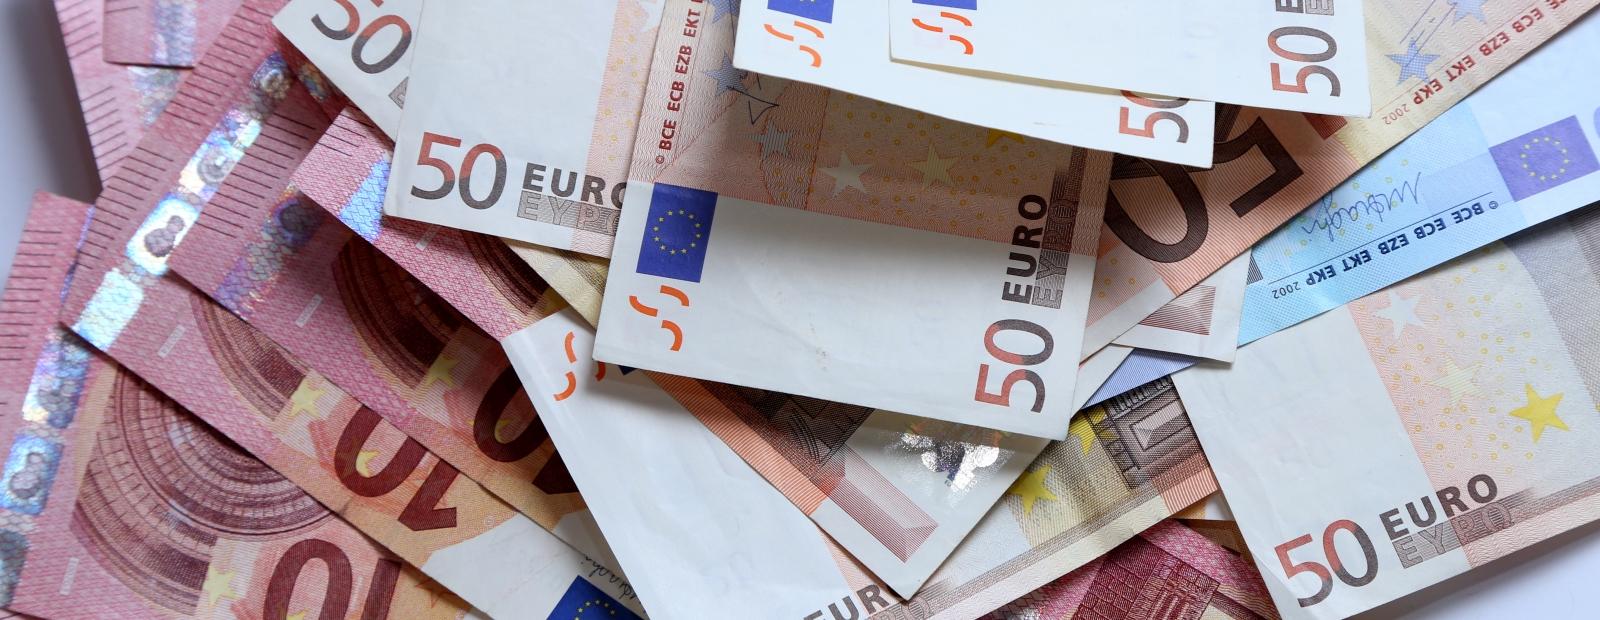 Noteikumi par privātā pensiju fonda gada pārskatu - Latvijas Vēstnesis